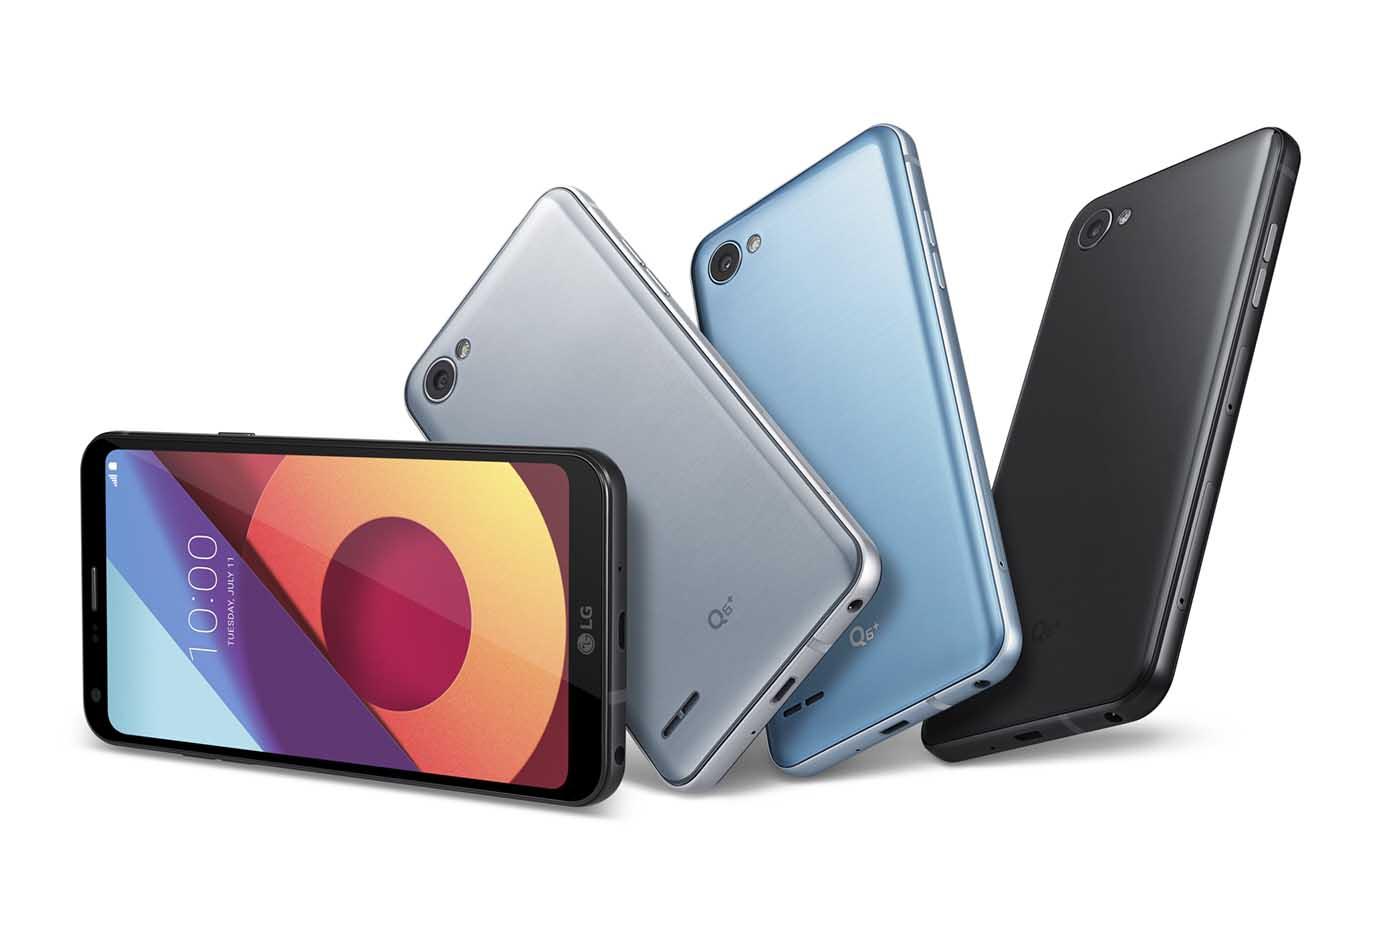 El nuevo LG Q6 llega a un precio recomendado de 349 euros